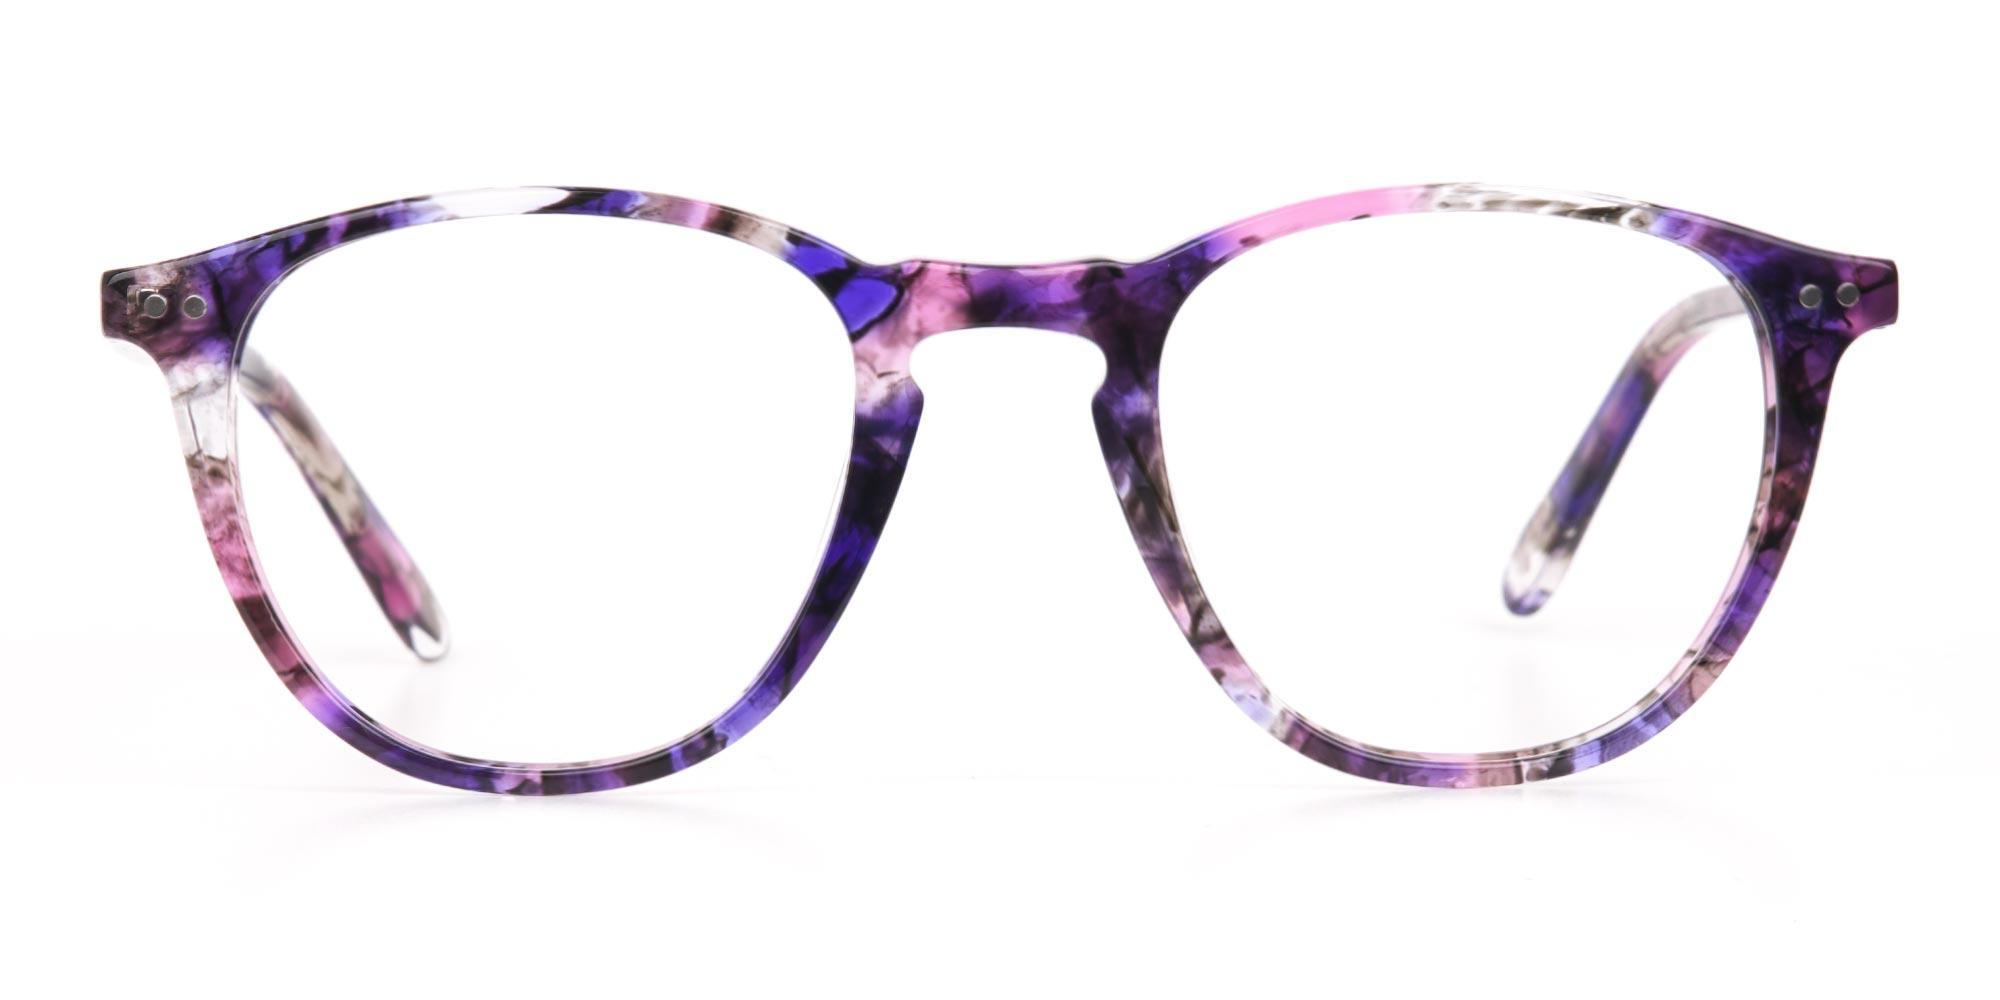 ORSLOW glasses for girls